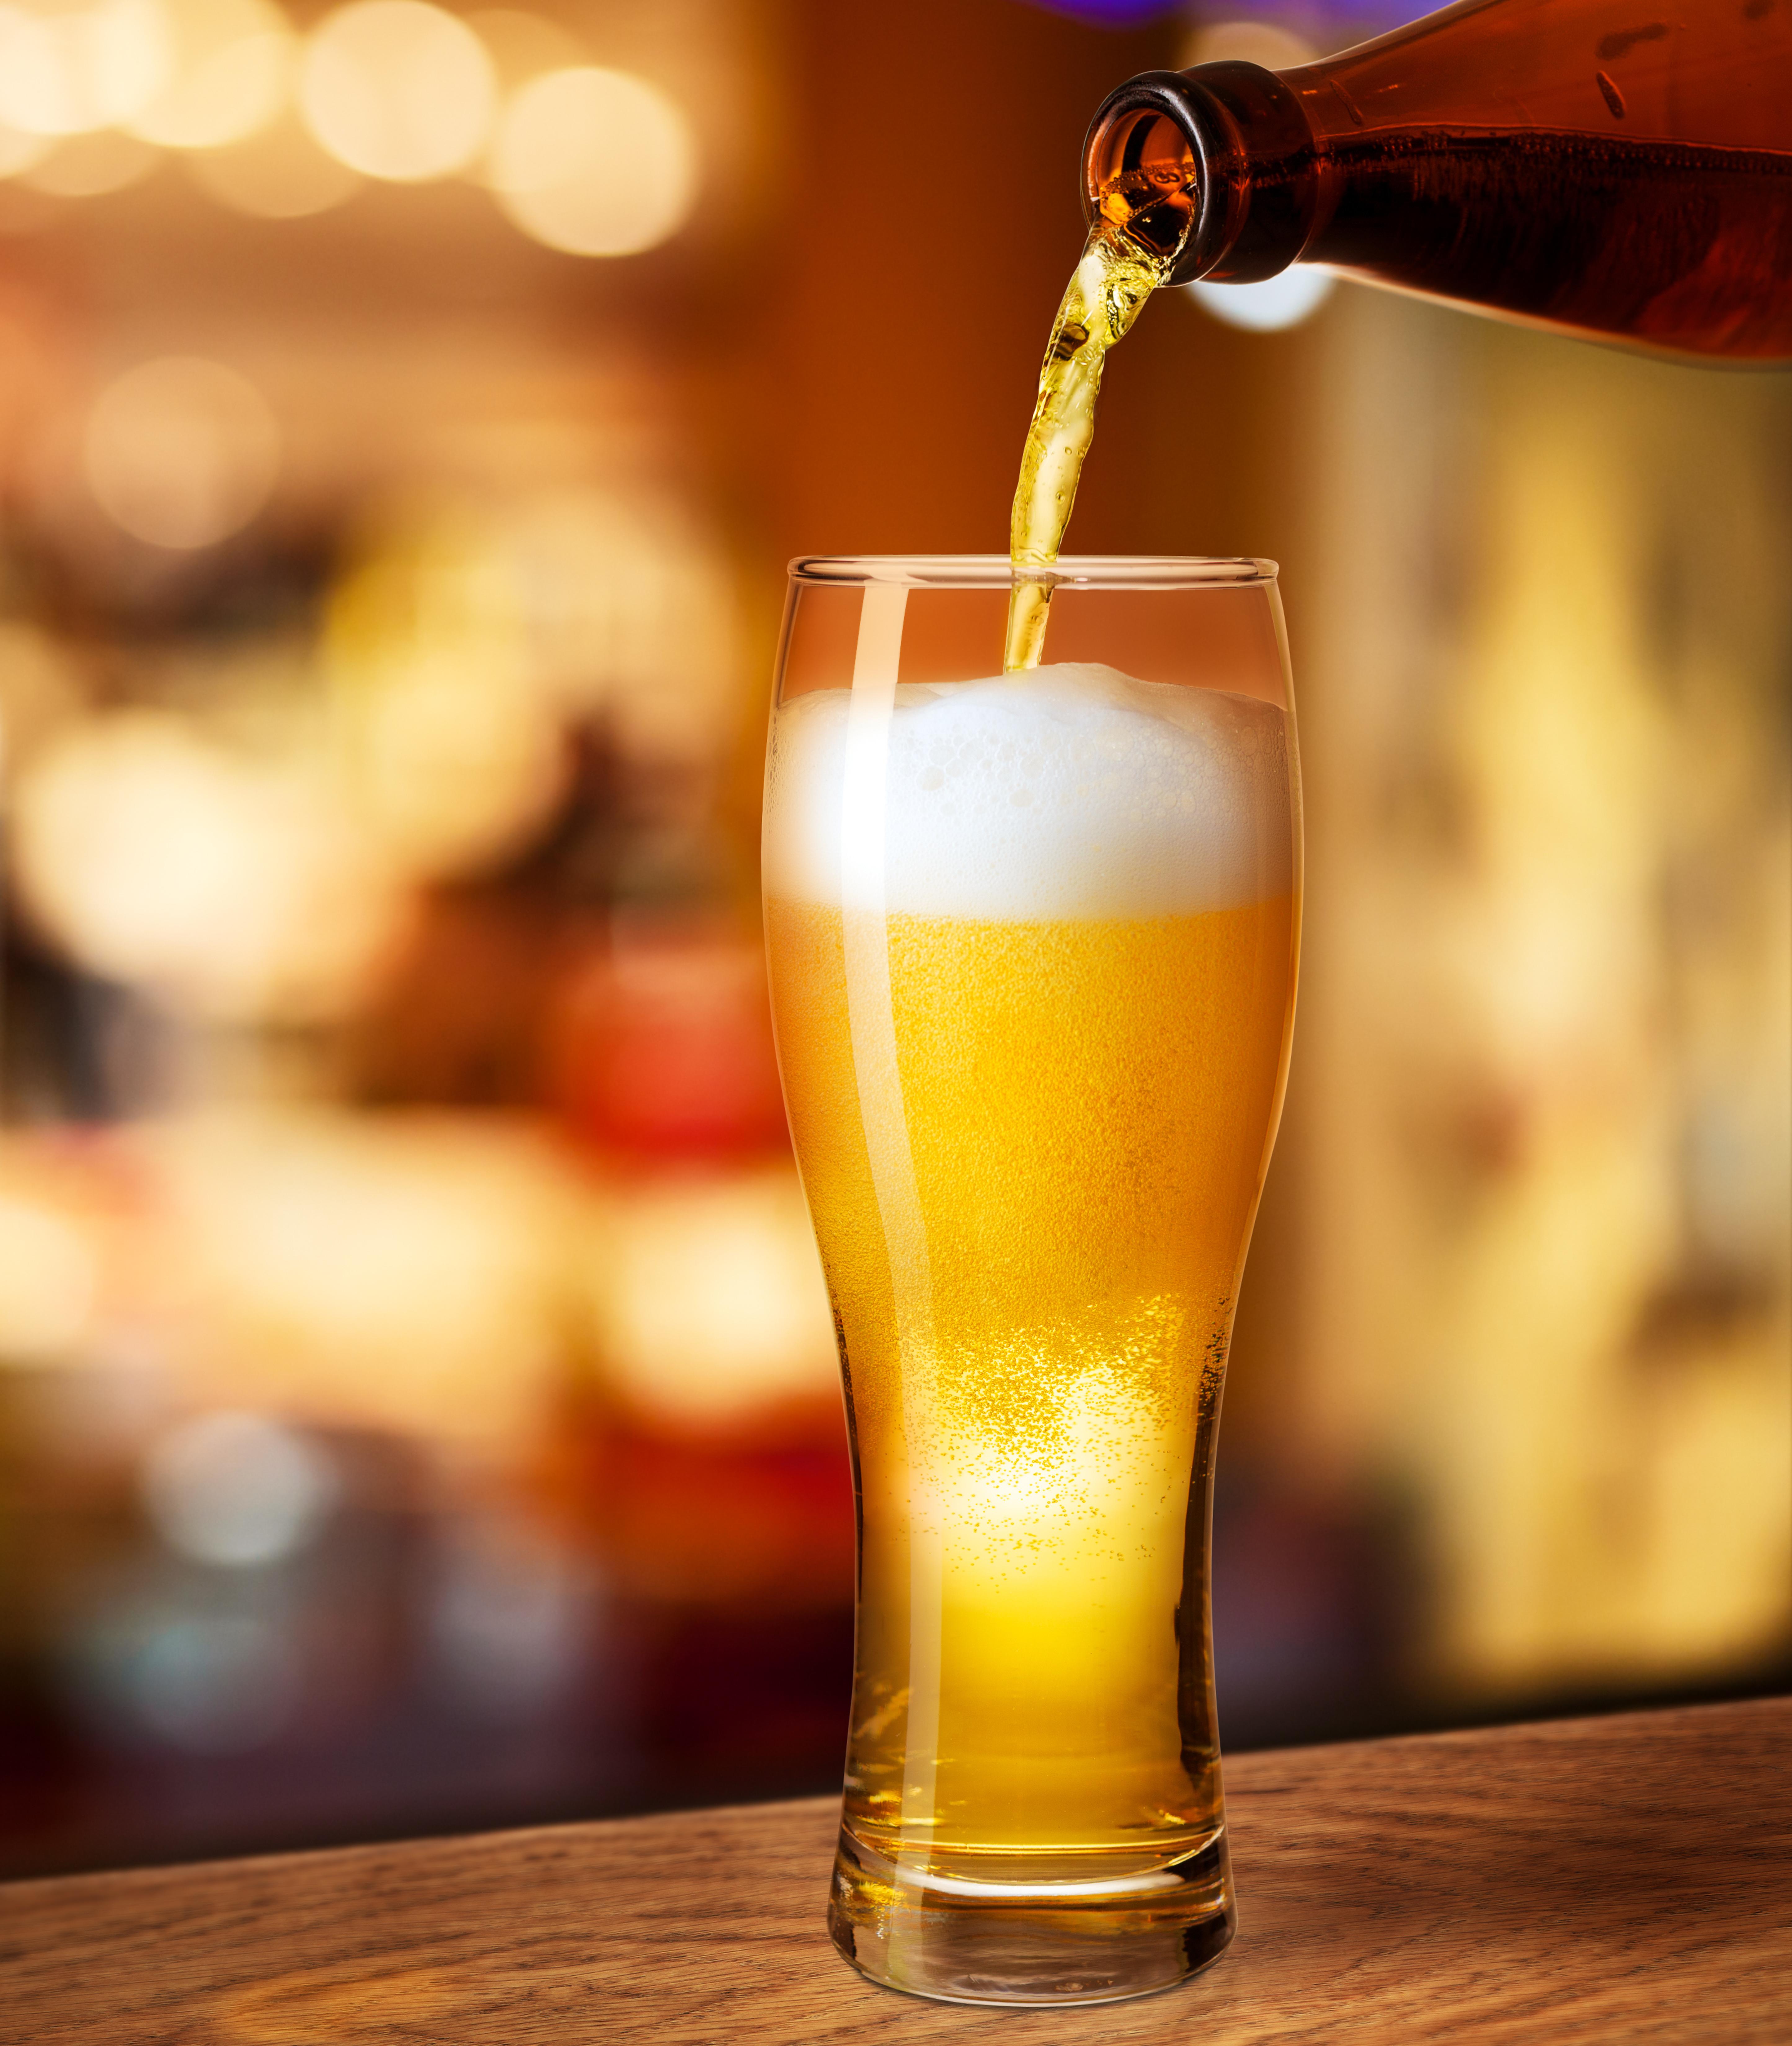 Conhecido 13 mitos e verdades sobre a cerveja que você precisa saber | saboteco VN07